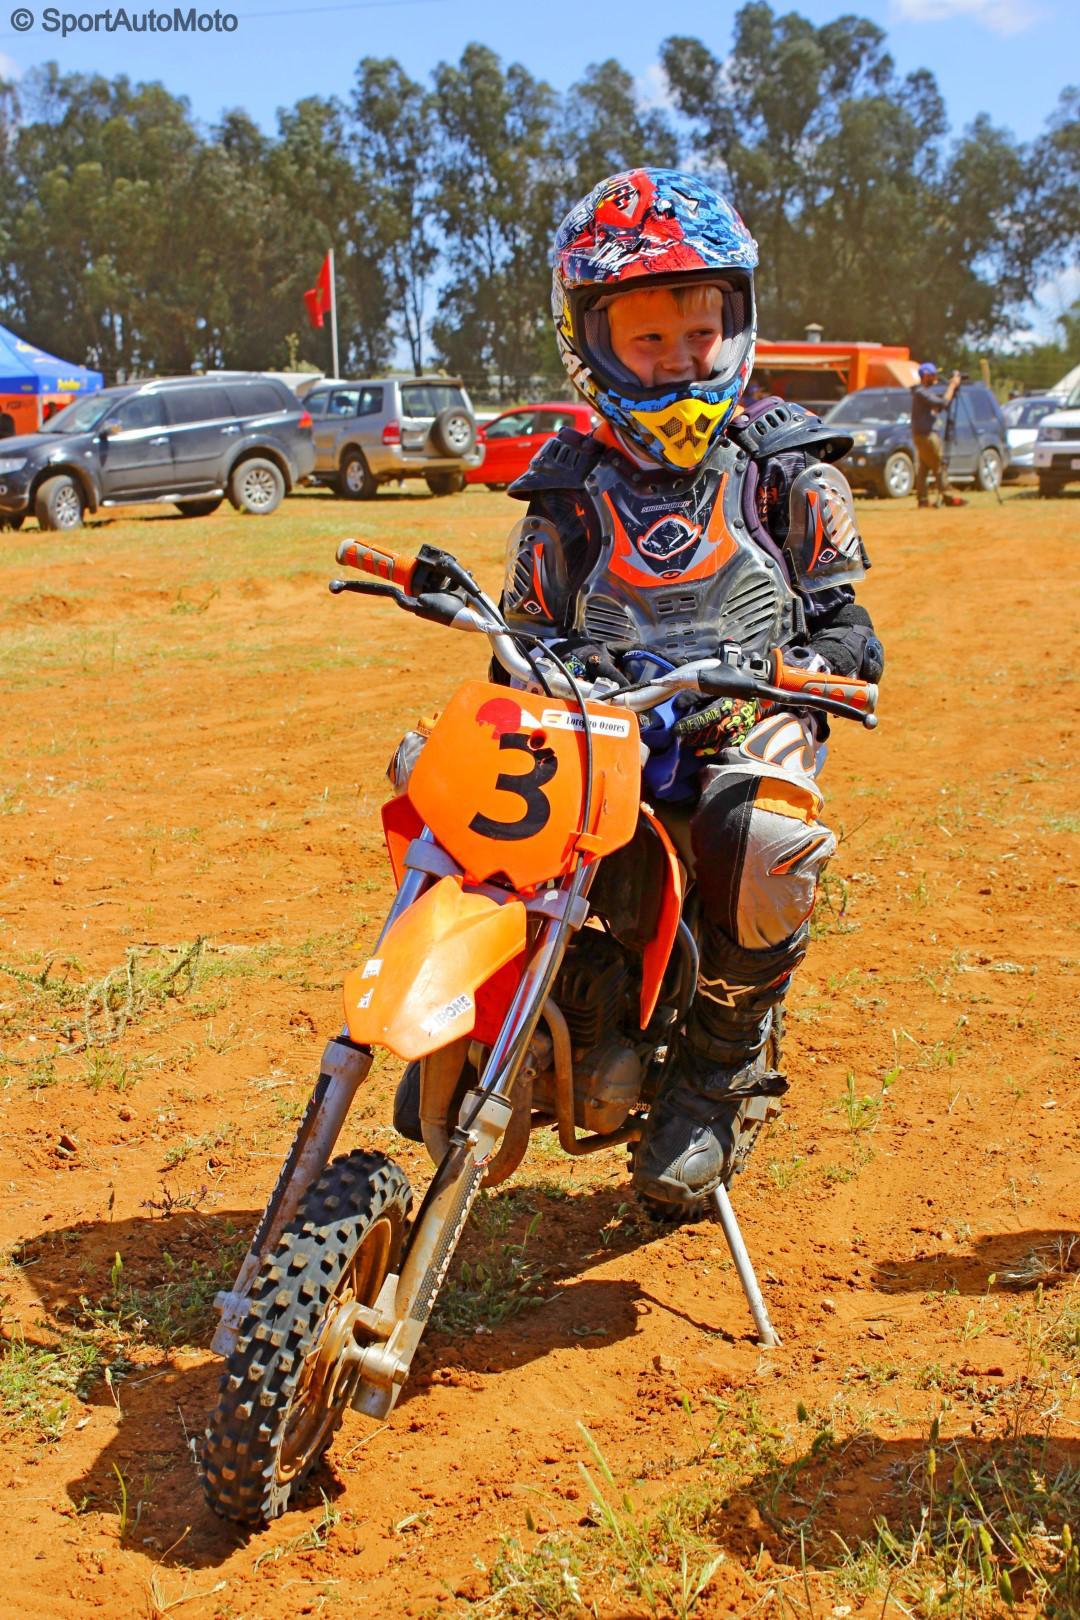 championnat-du-maroc-de-motocross-kenitra-774-38.jpg